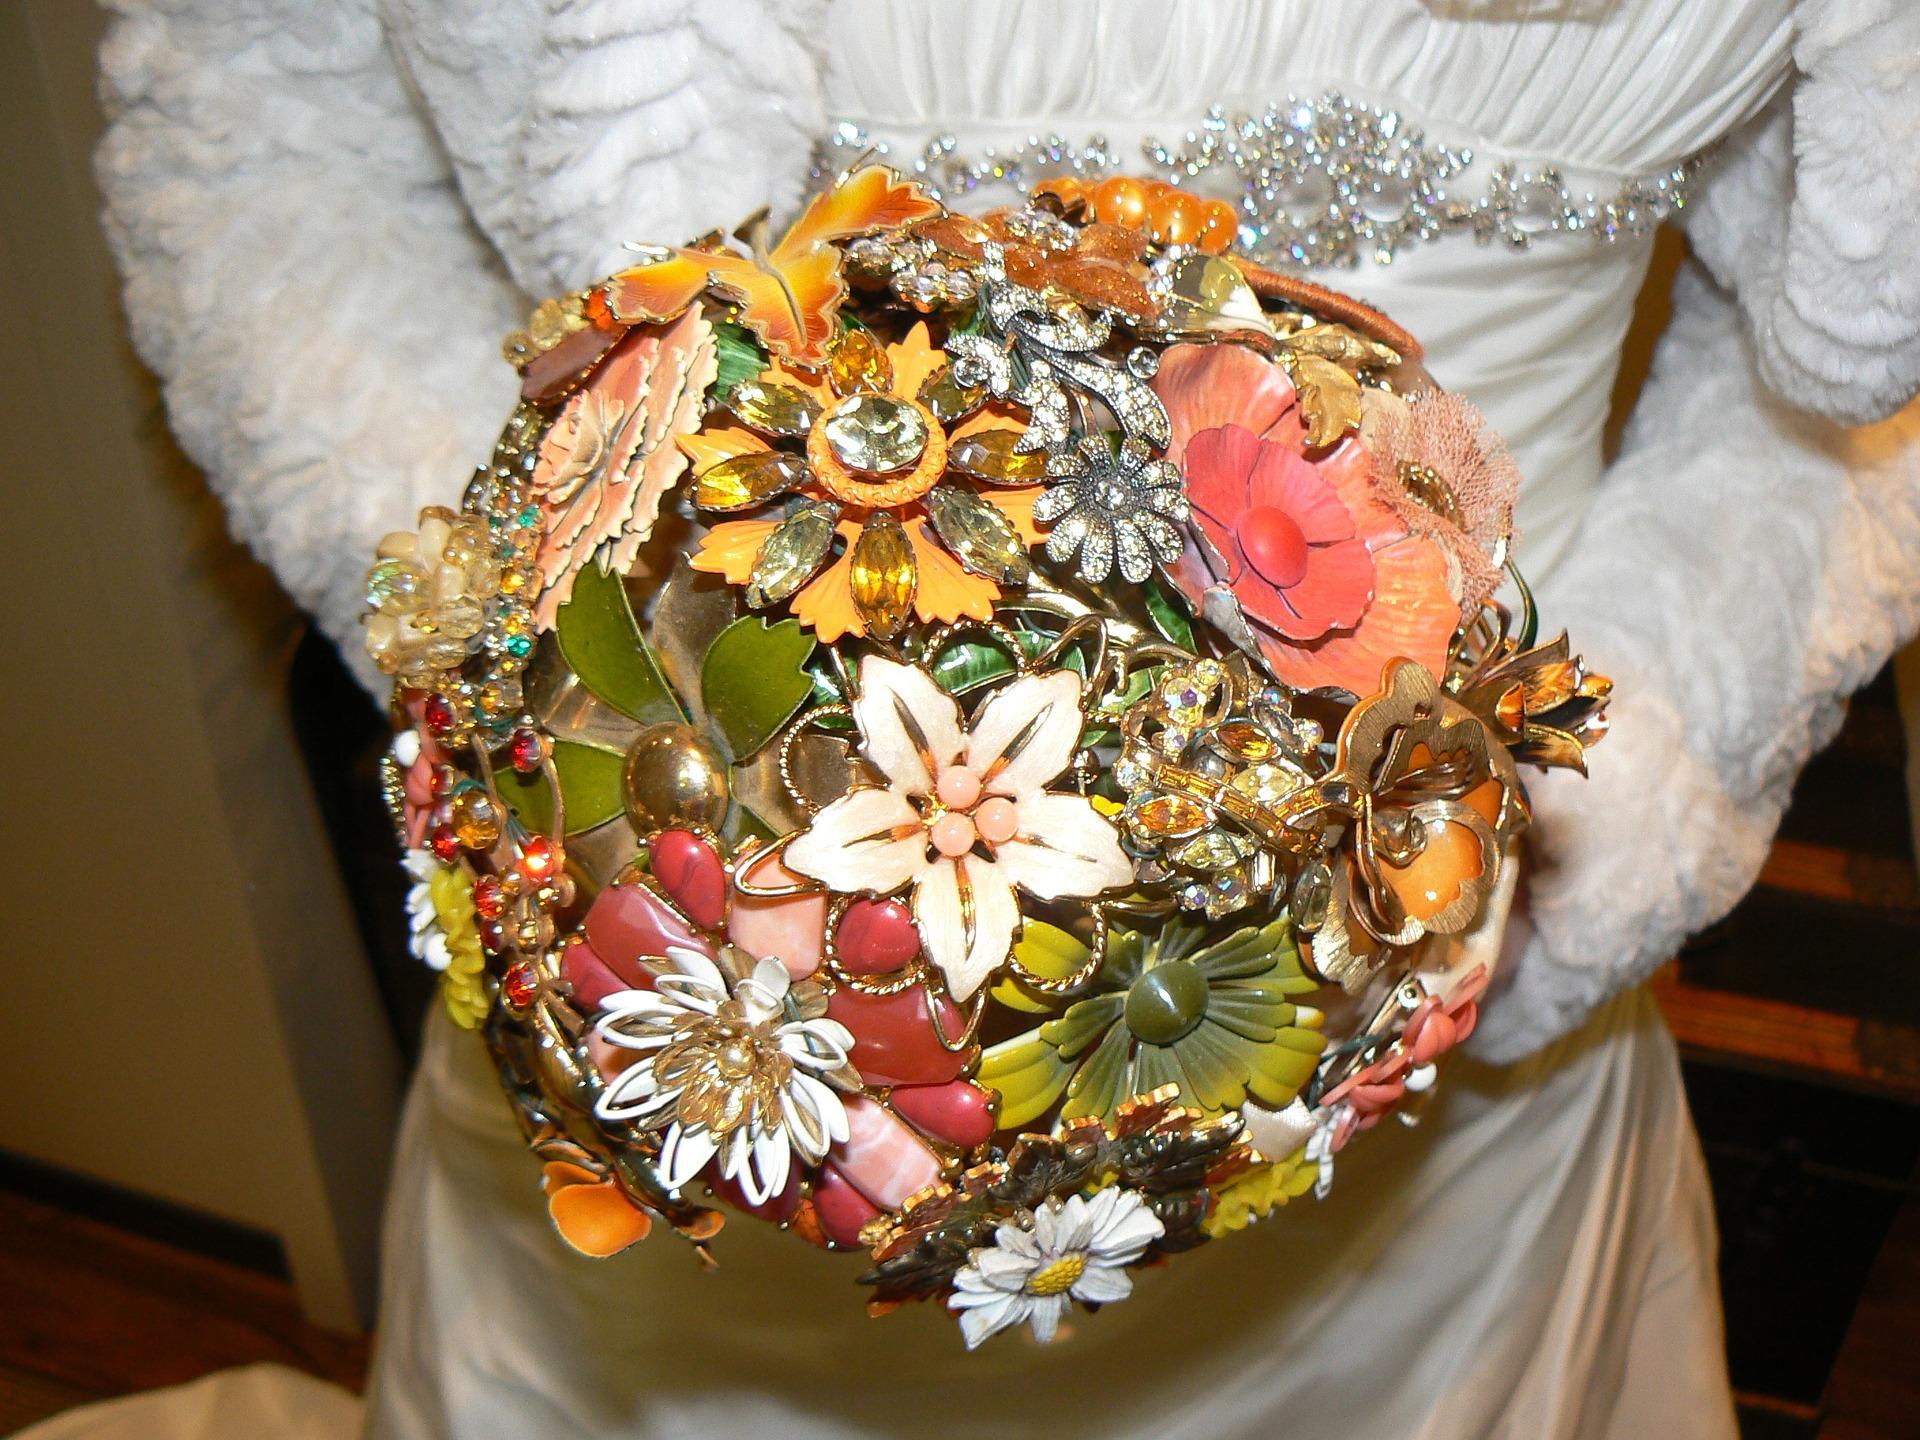 bouquet-924184_1920.jpg